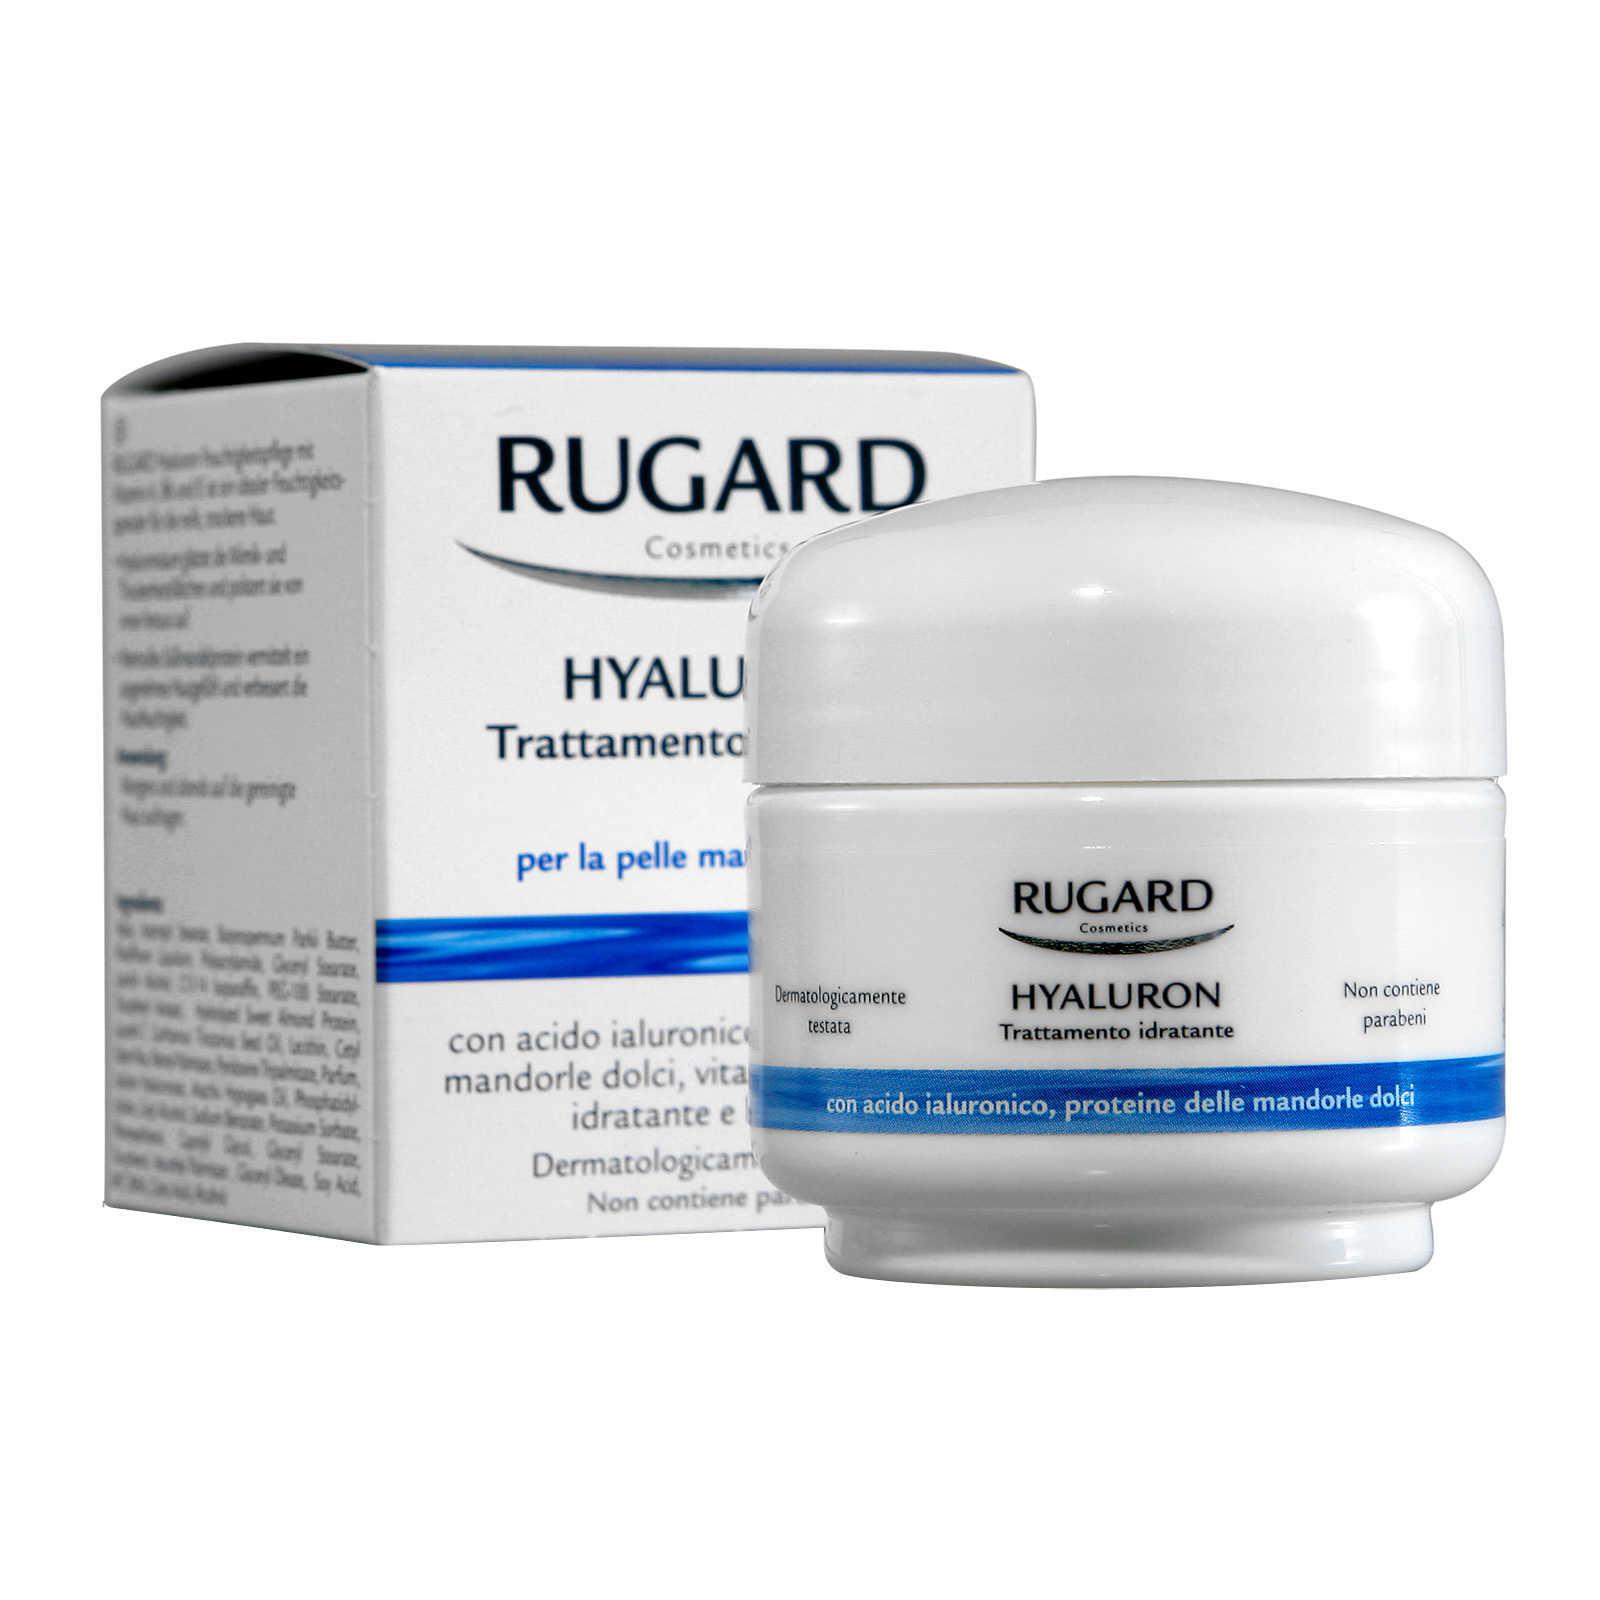 Rugard Crema Idratante con Vitamine